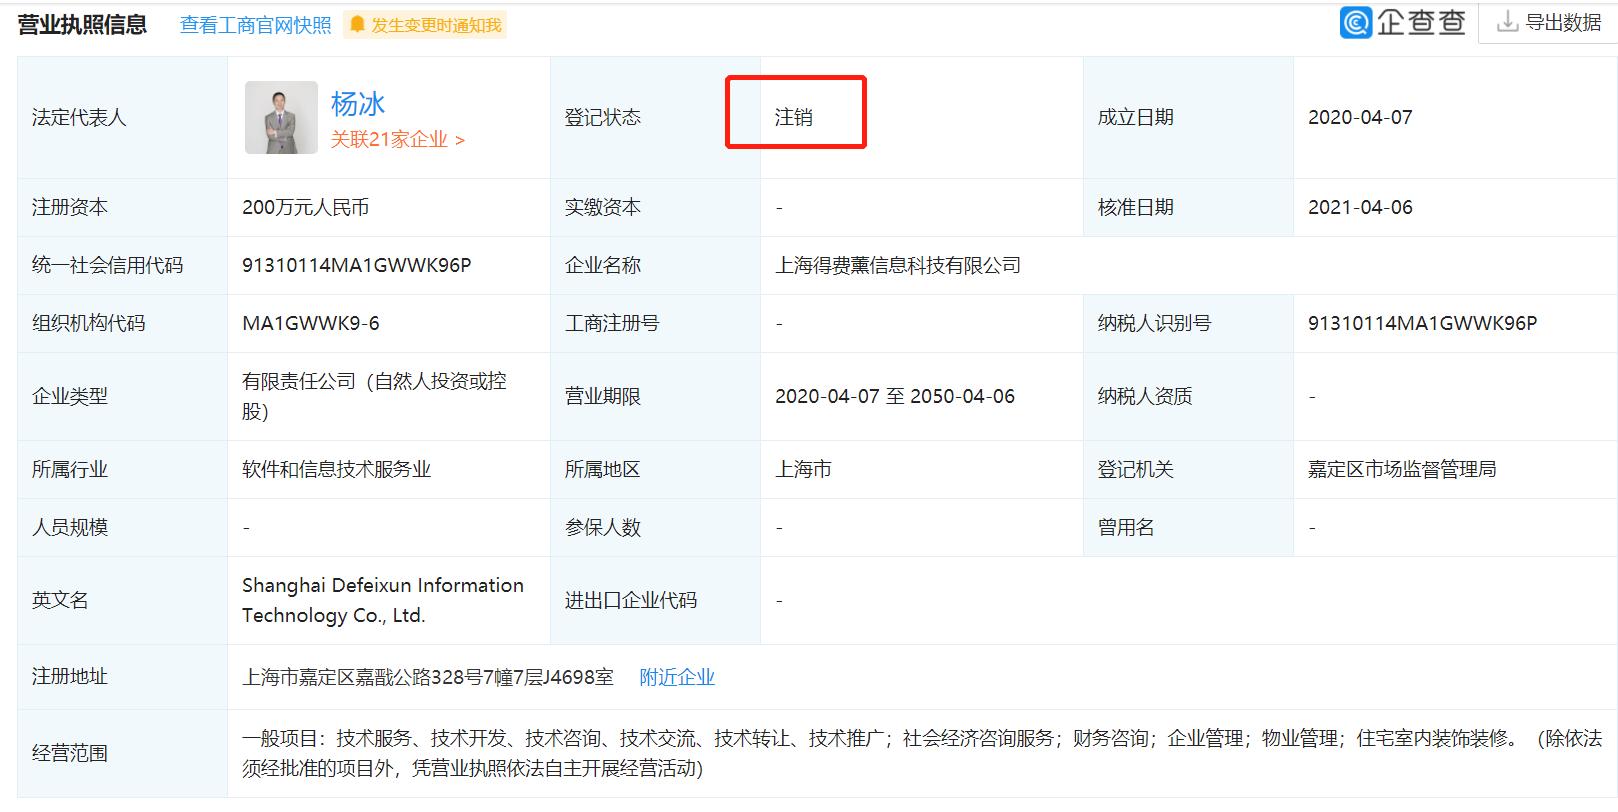 虎扑与吴德共同持有的公司被注销,注销原因是决议解散